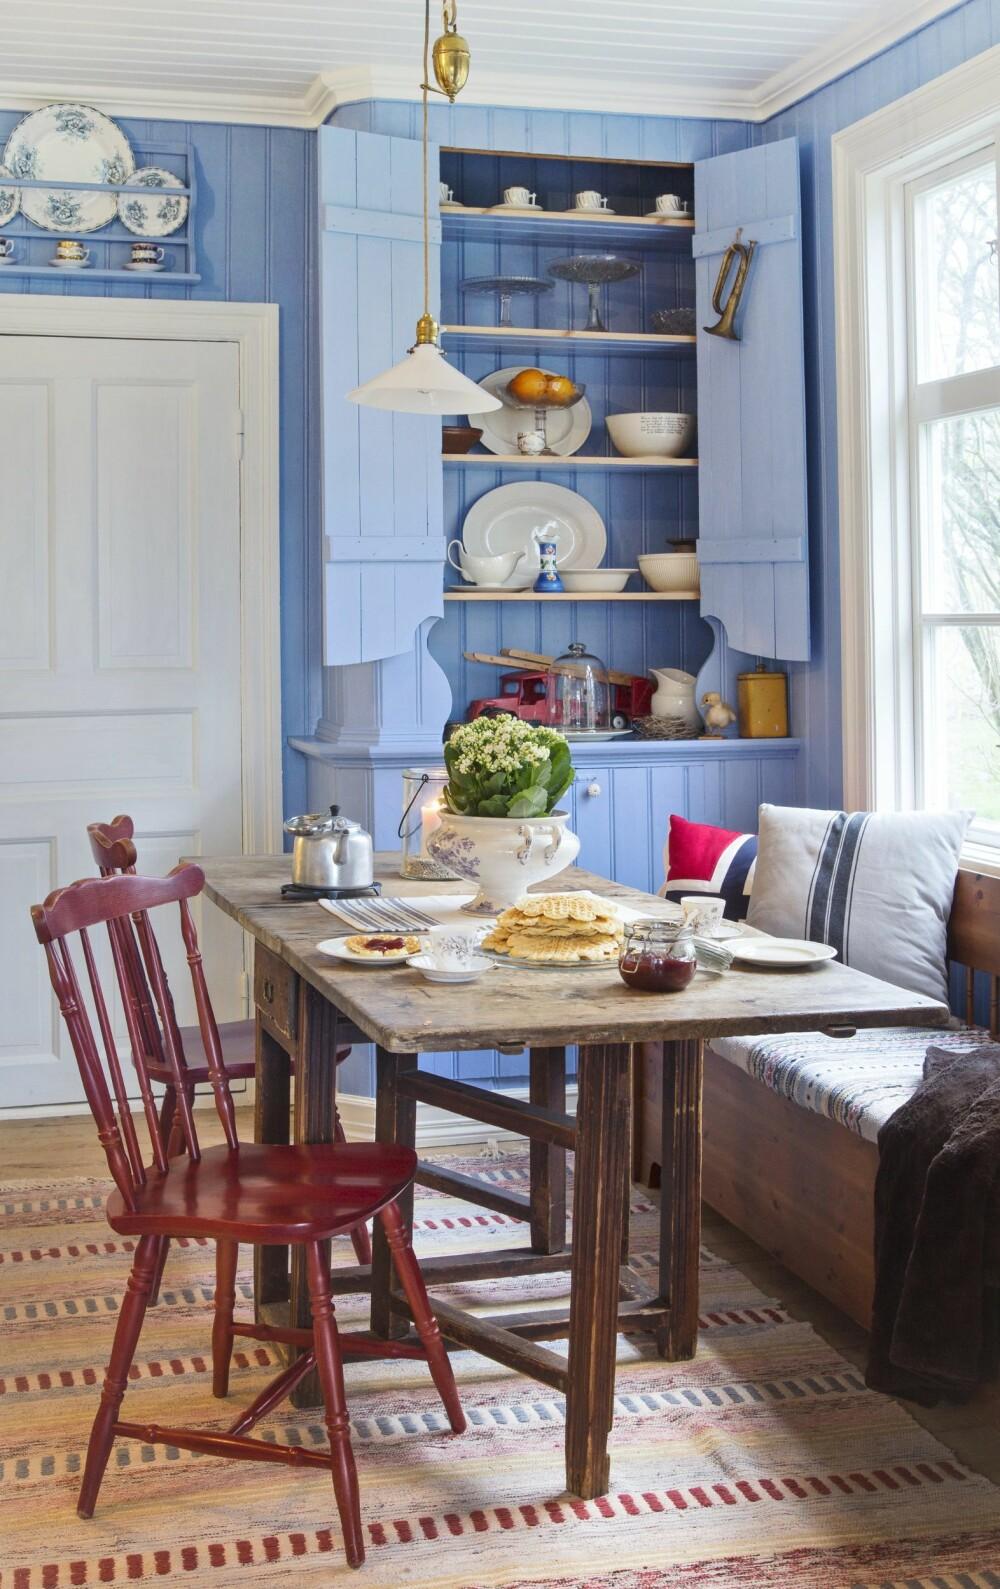 FATTIGMANNSBLÅ: Det plassbygde skapet i hjørnet er originalt og Lars Johan har malt det med tradisjonell linoljemaling. Fargen kalles fattigmannsblå og ble ofte brukt i gamle hus. FOTO: Helge Eek